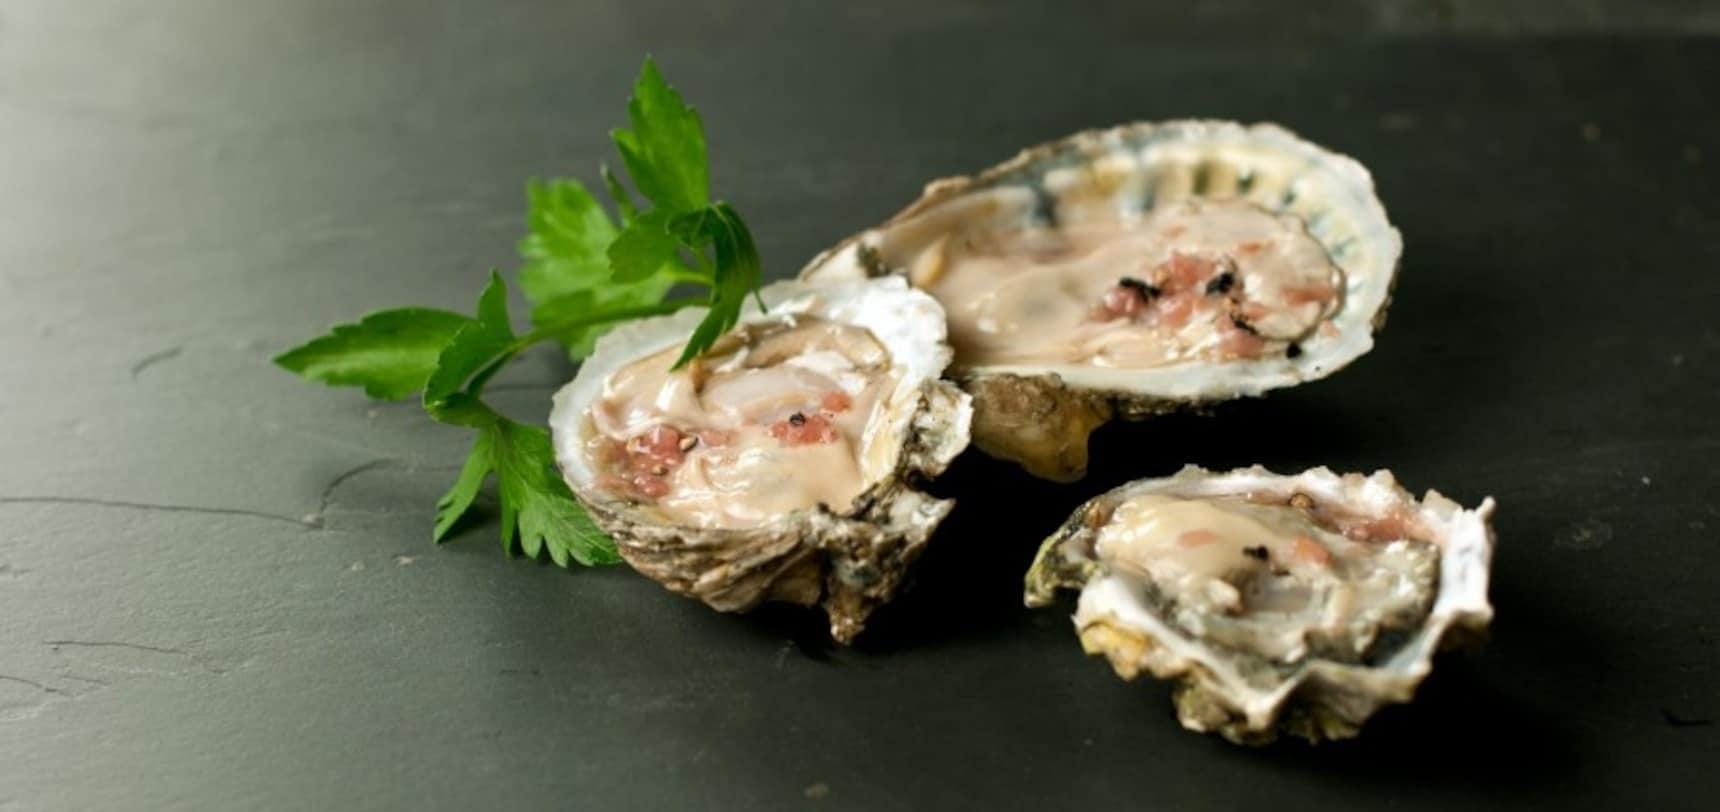 영양 보충에 좋은 신선한 해산물 TOP5